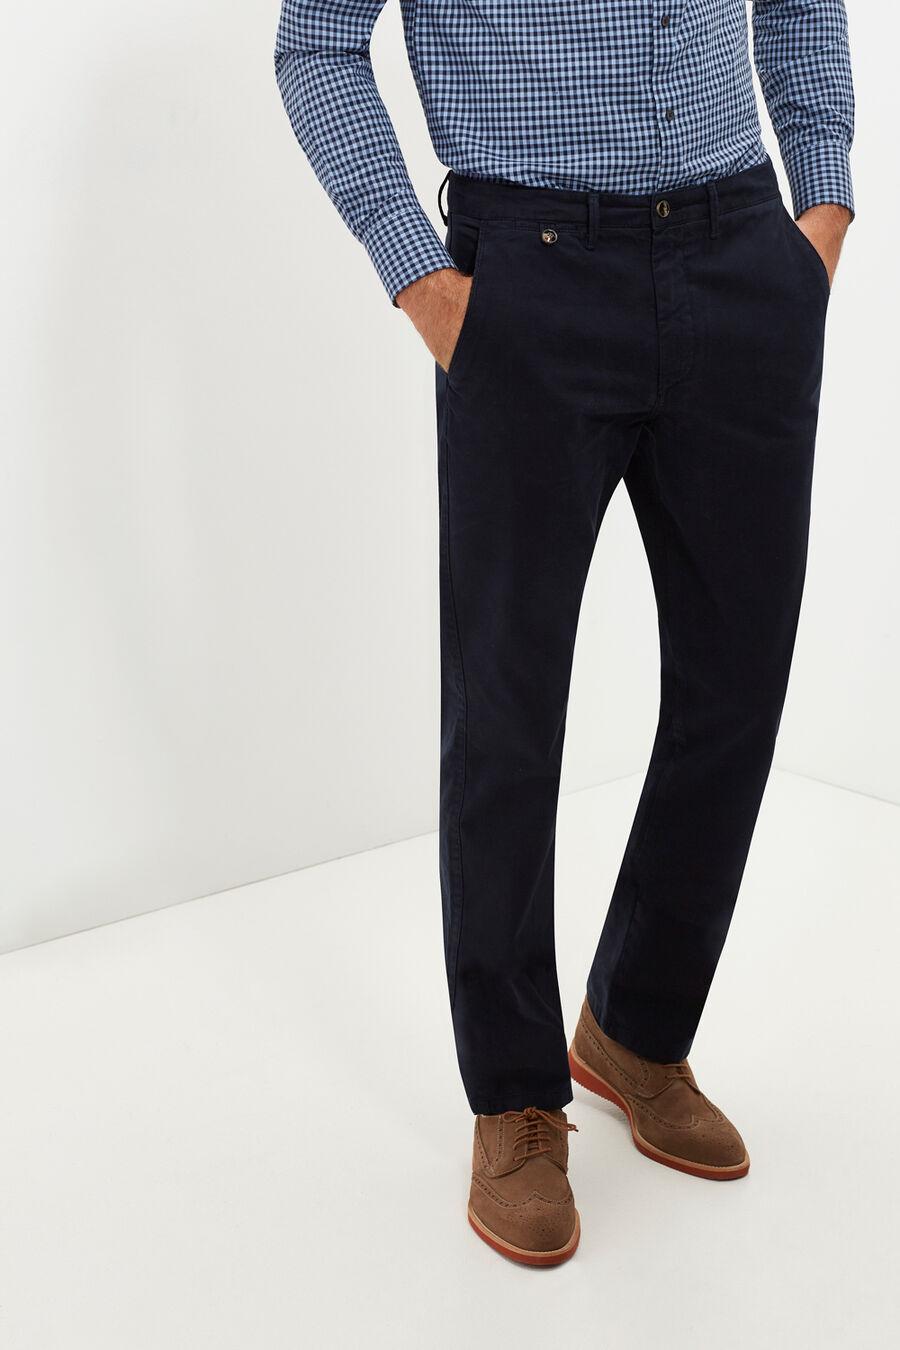 Pantalón chino classic fit